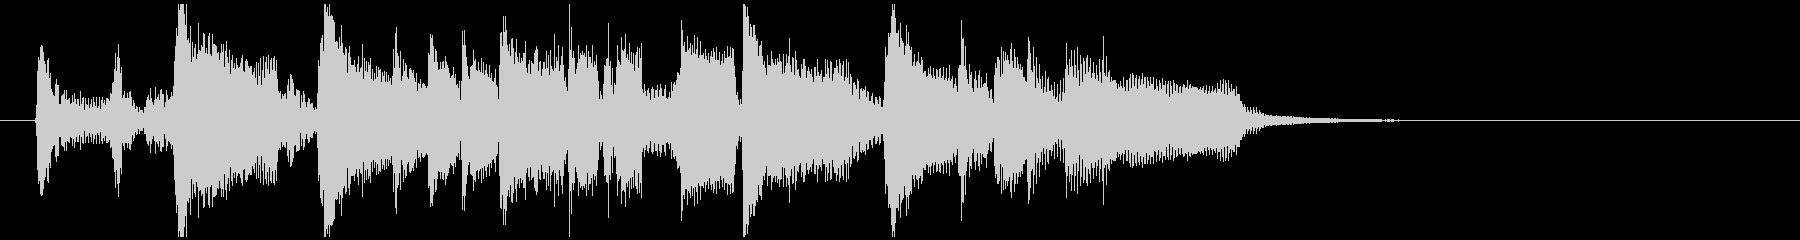 ファンキーなサックスのサウンドロゴの未再生の波形